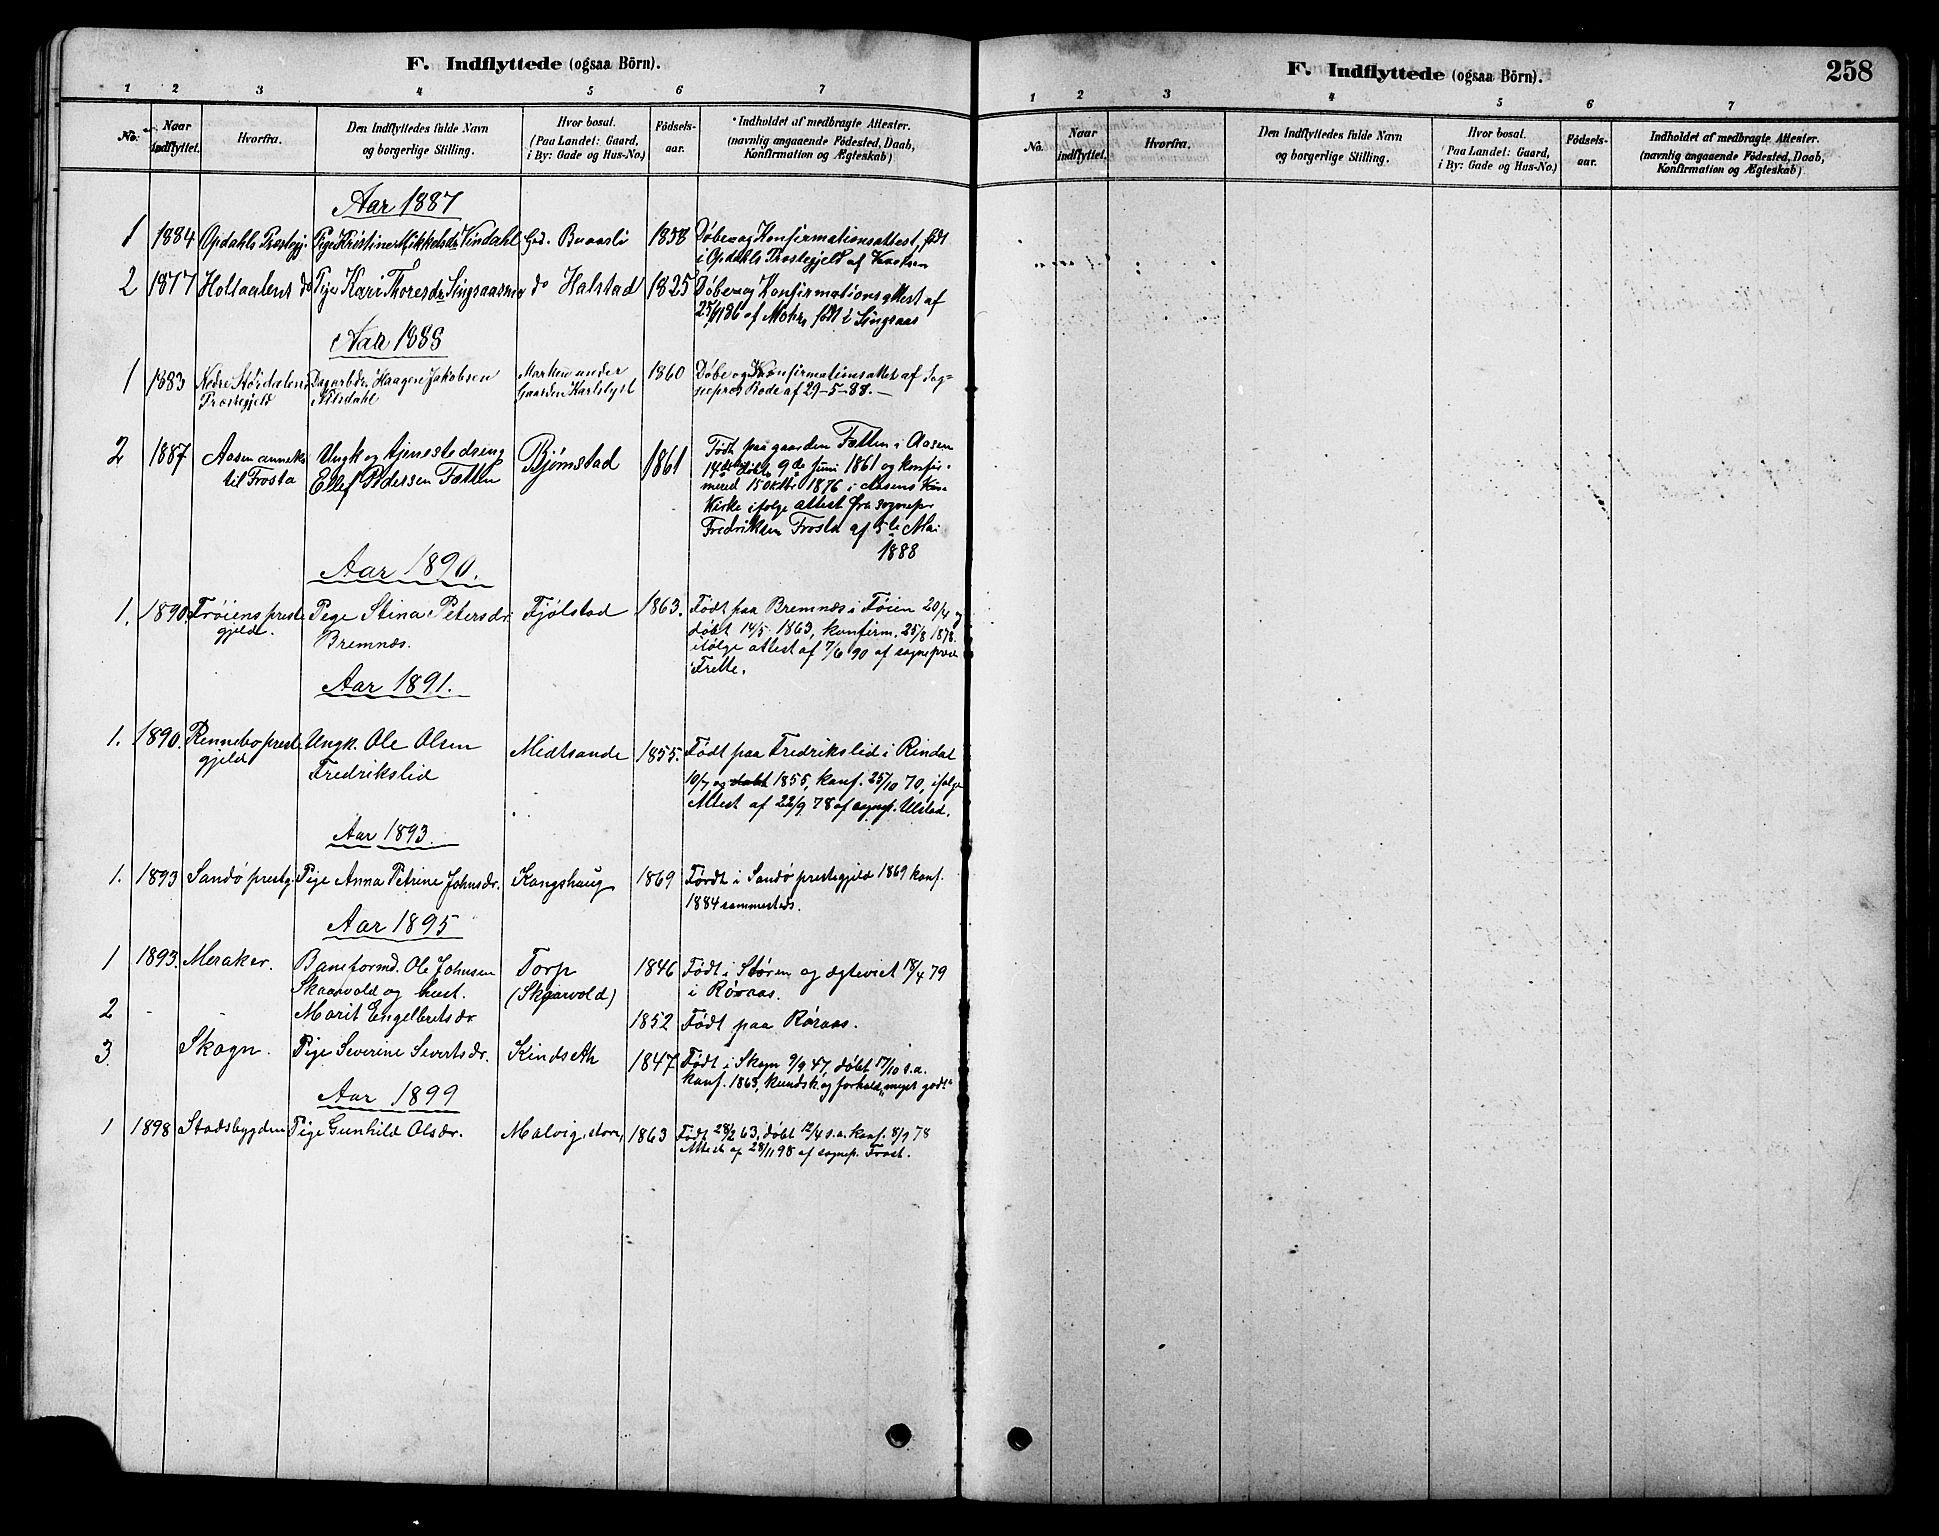 SAT, Ministerialprotokoller, klokkerbøker og fødselsregistre - Sør-Trøndelag, 616/L0423: Klokkerbok nr. 616C06, 1878-1903, s. 258